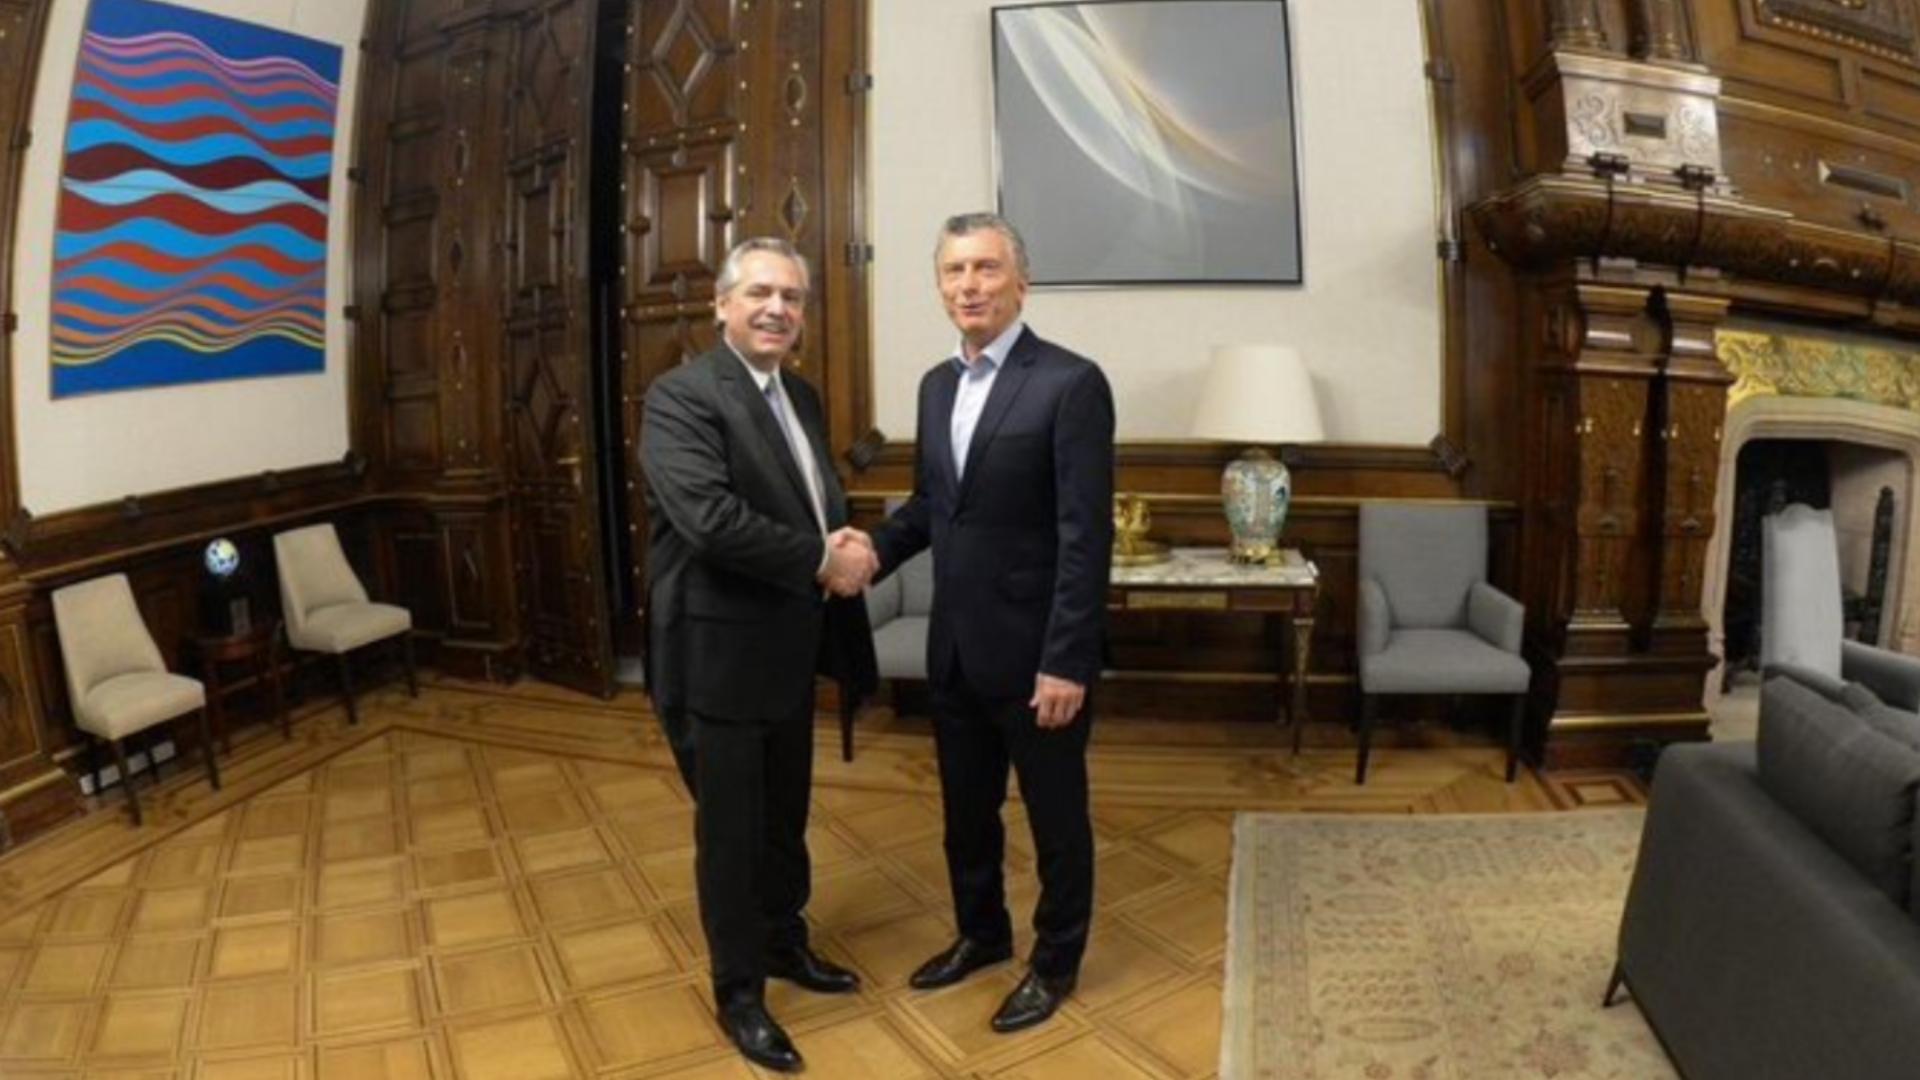 Mauricio Macri y Alberto Fernández se reunieron en la Casa Rosada tras elecciones presidenciales